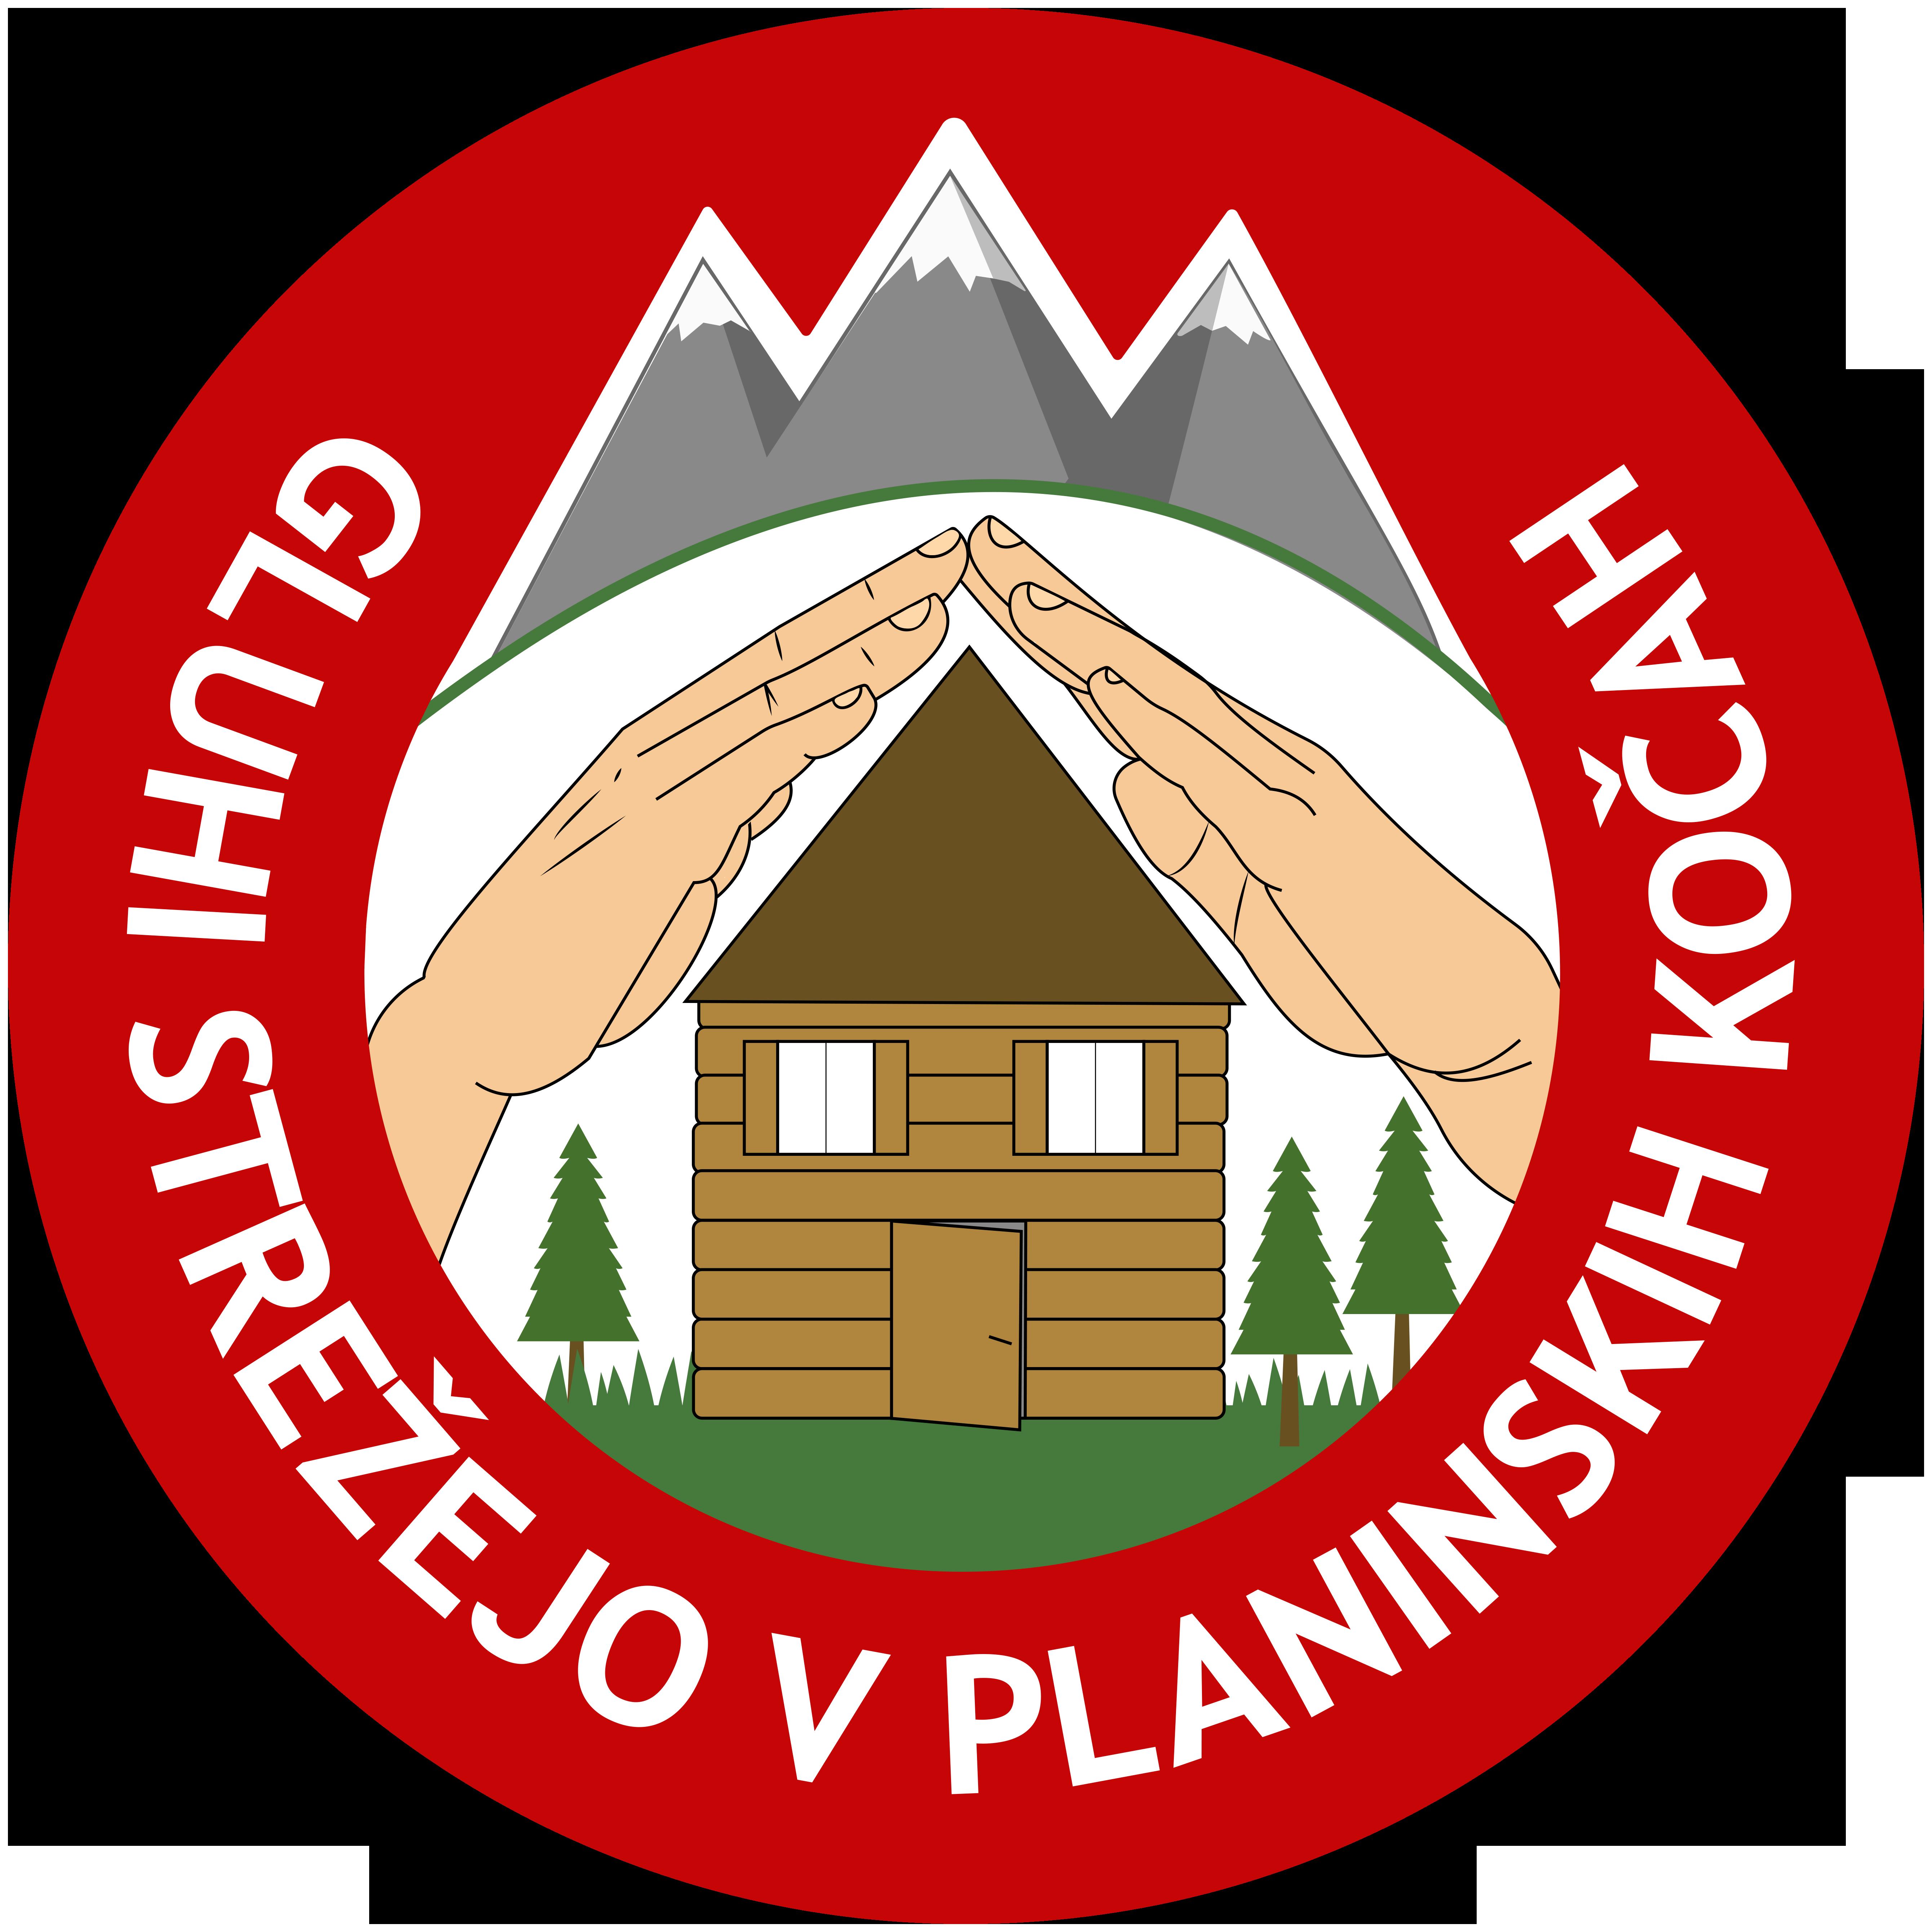 pin_pzs_gluhi_strezejo_logo_2019